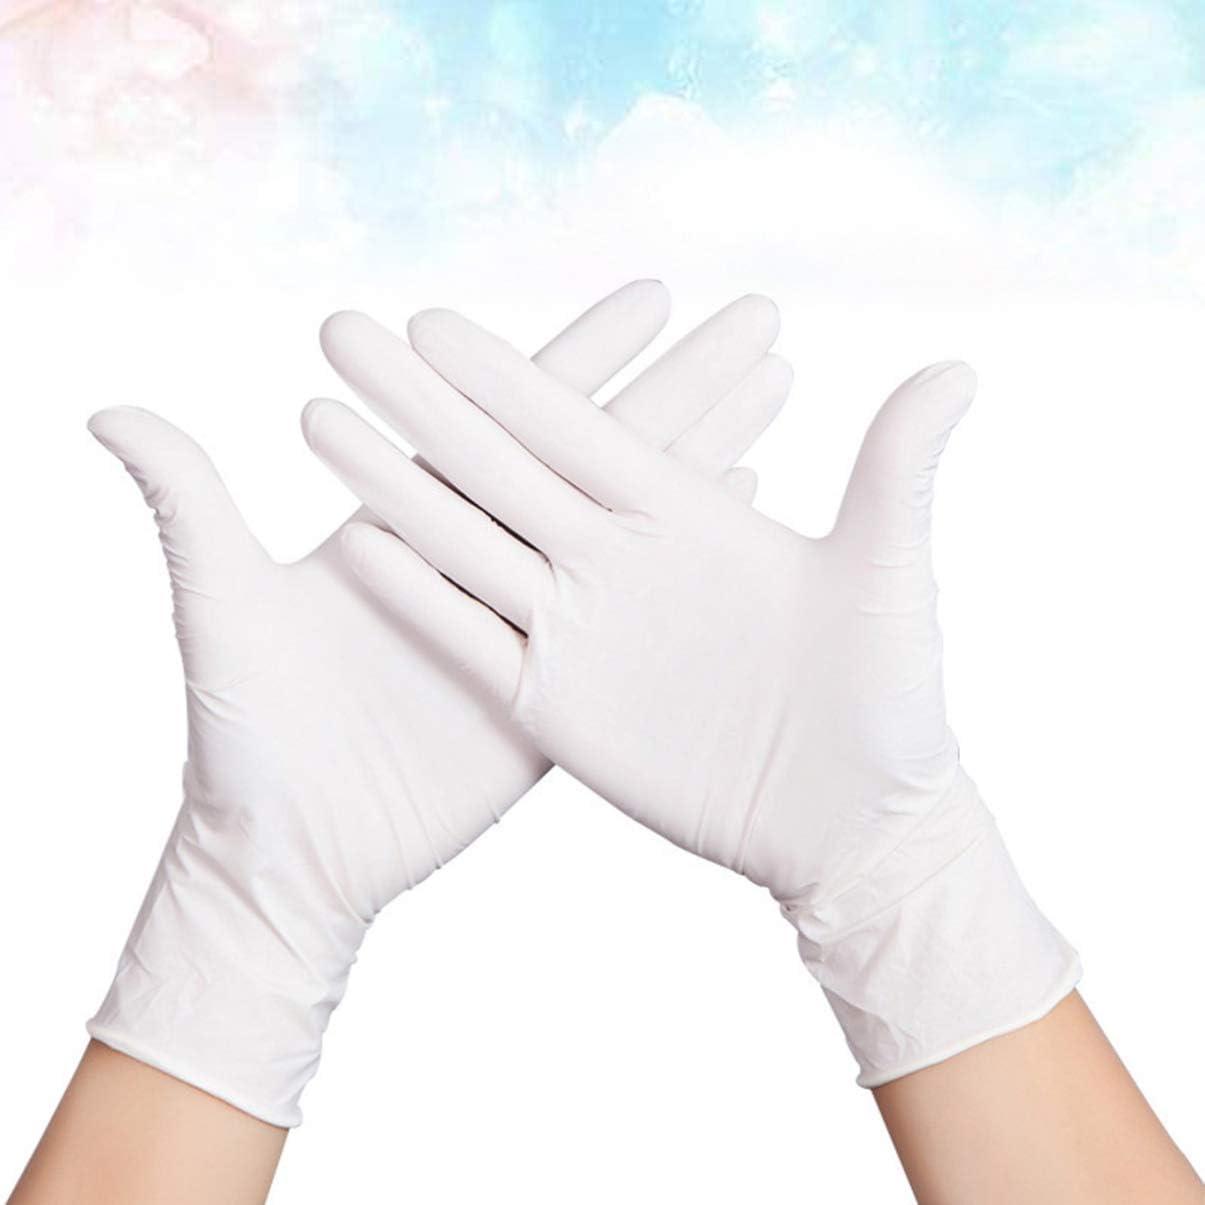 Delgada Blanca Yarnow 100 Piezas Guantes de Nitrilo Desechables Guantes de Examen de Caucho Natural Guantes Multiusos para Trabajar Limpieza Lavado Cocinando Talla L